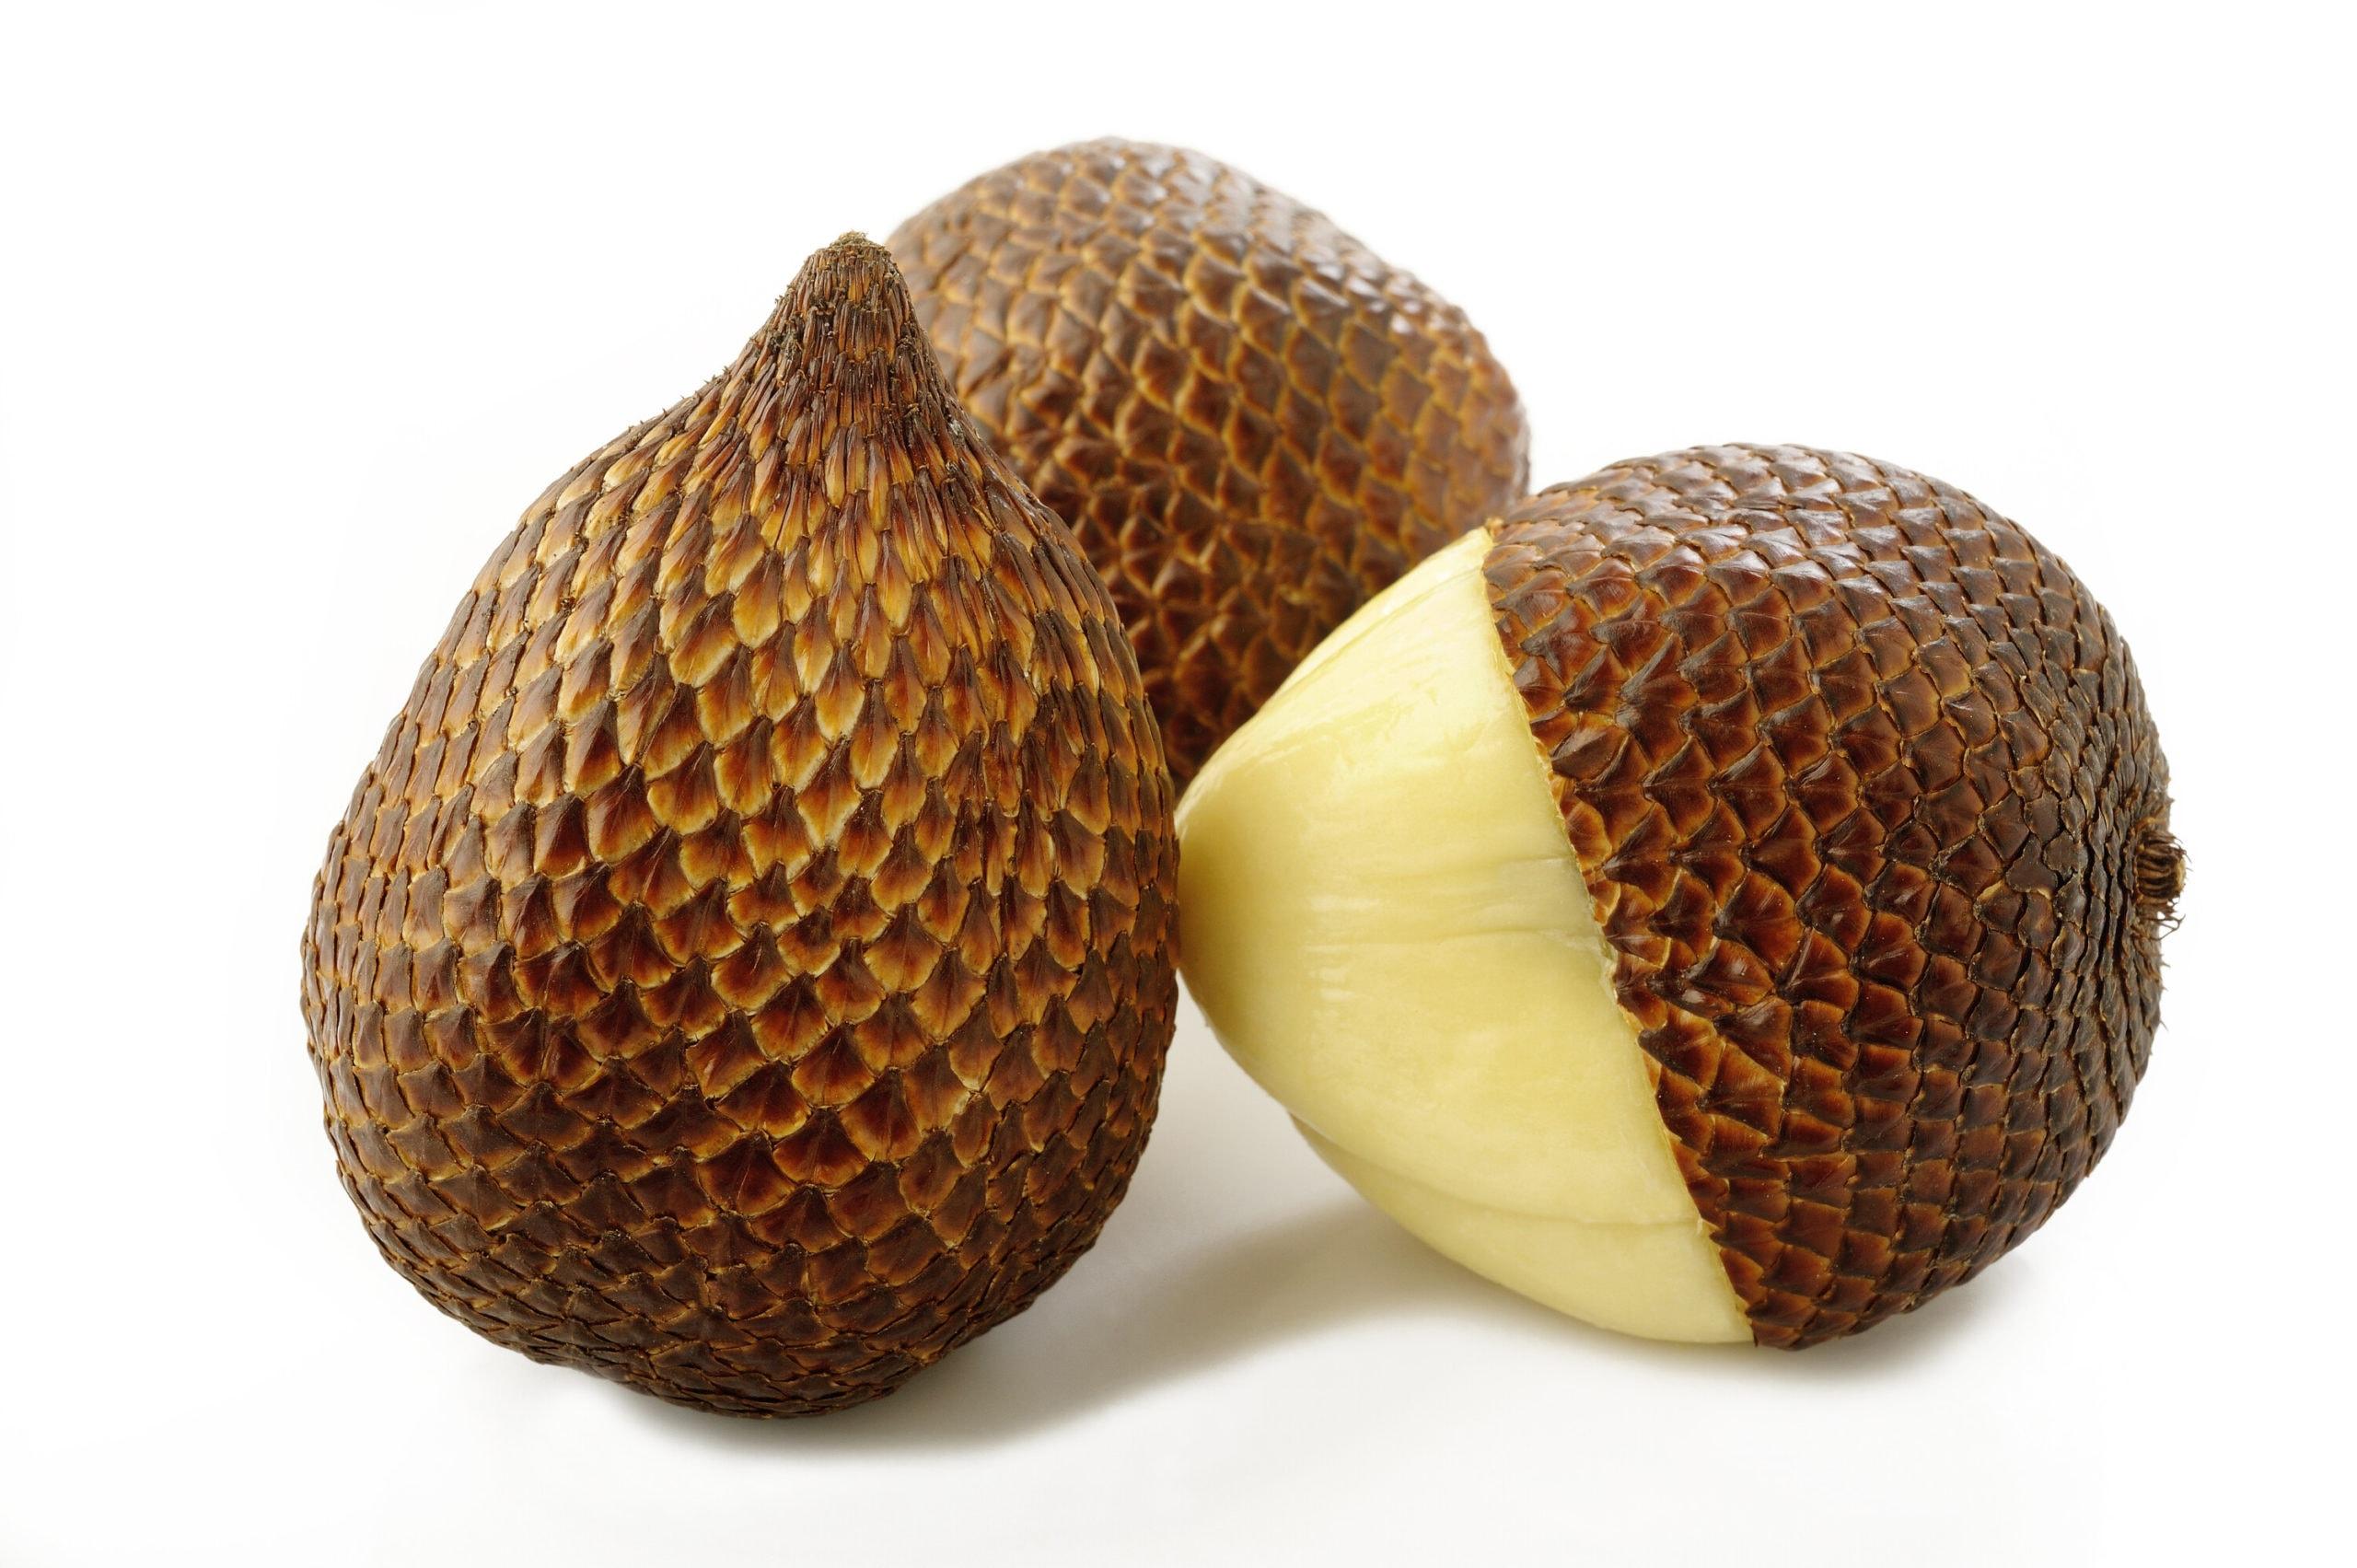 Salak fruits isolated on white background